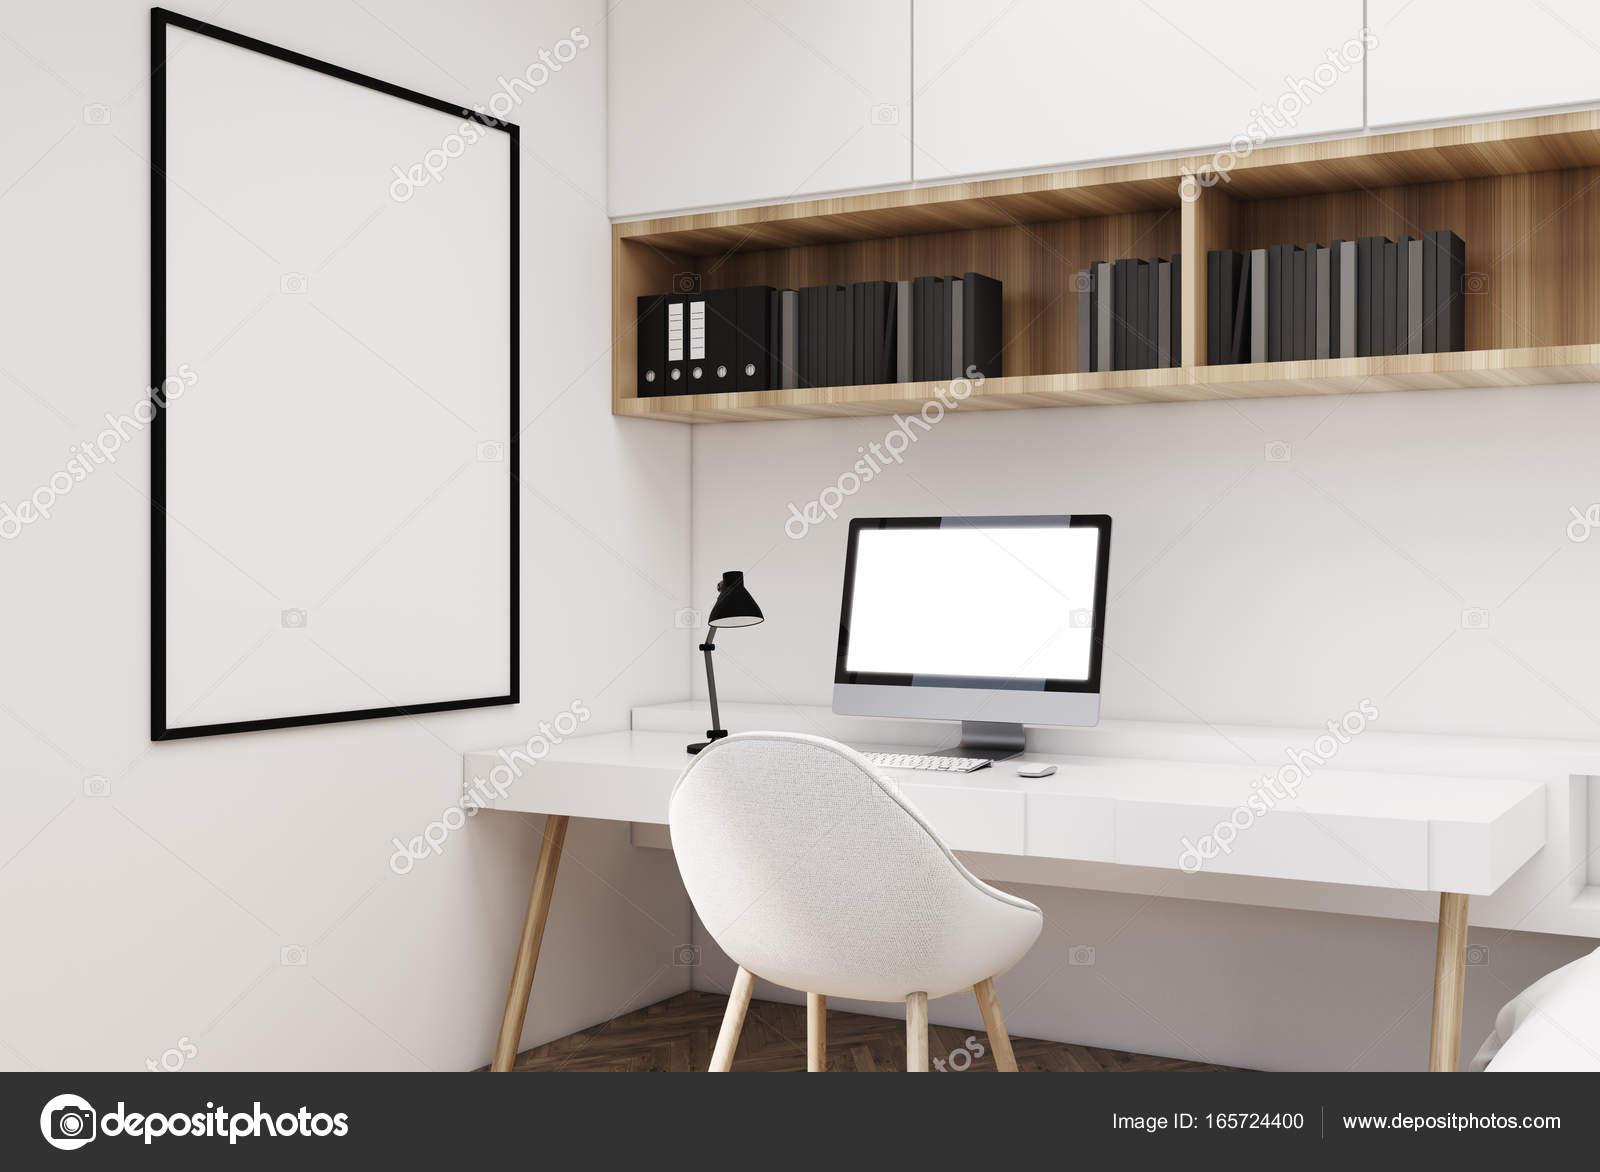 Bureau à domicile avec une table blanche deux étagères en bois avec des livres et dossiers un moniteur dordinateur vierge et une affiche verticale